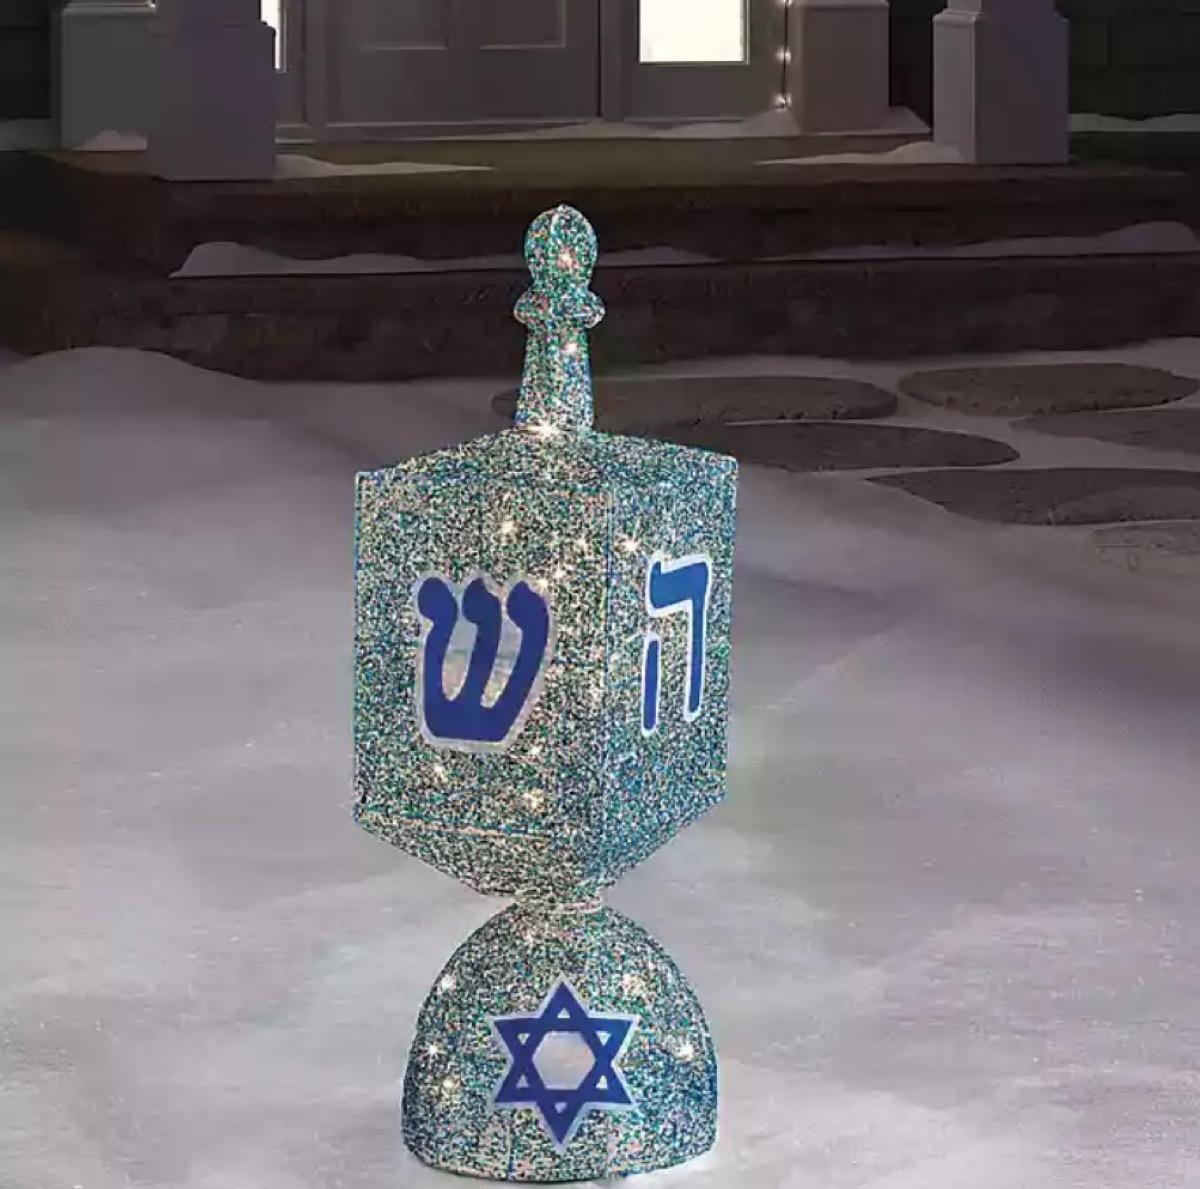 spinning light up dreidel decoration, hanukkah decorations